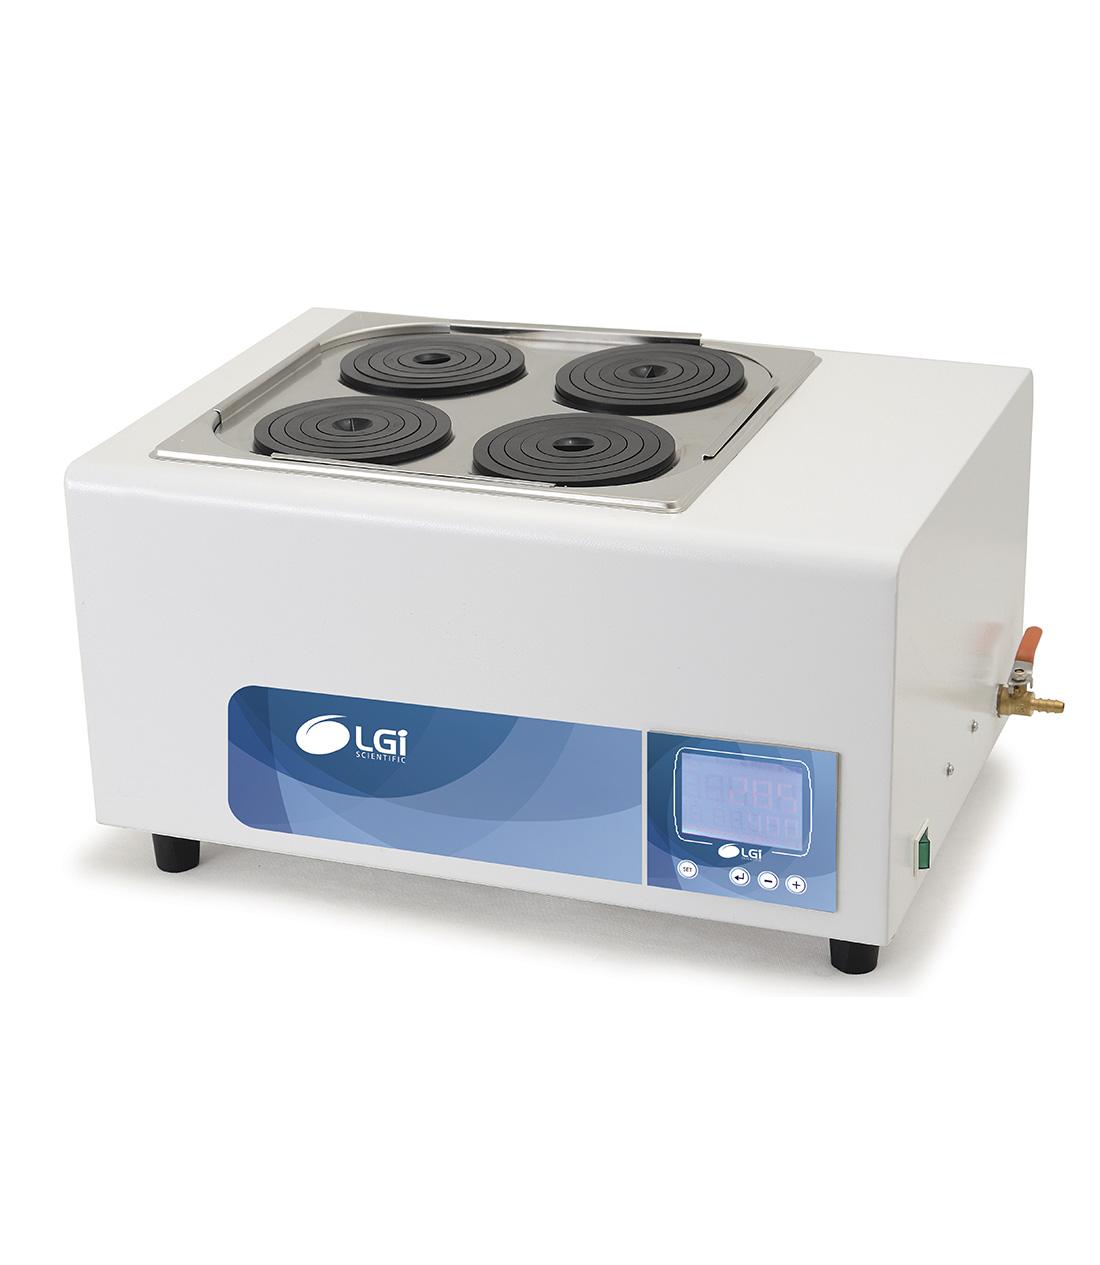 BANHO MARIA DIGITAL - 19,5L 4 BOCAS - 110V - LGI SCIENTIFIC - Cód. LGI-WB-2-110